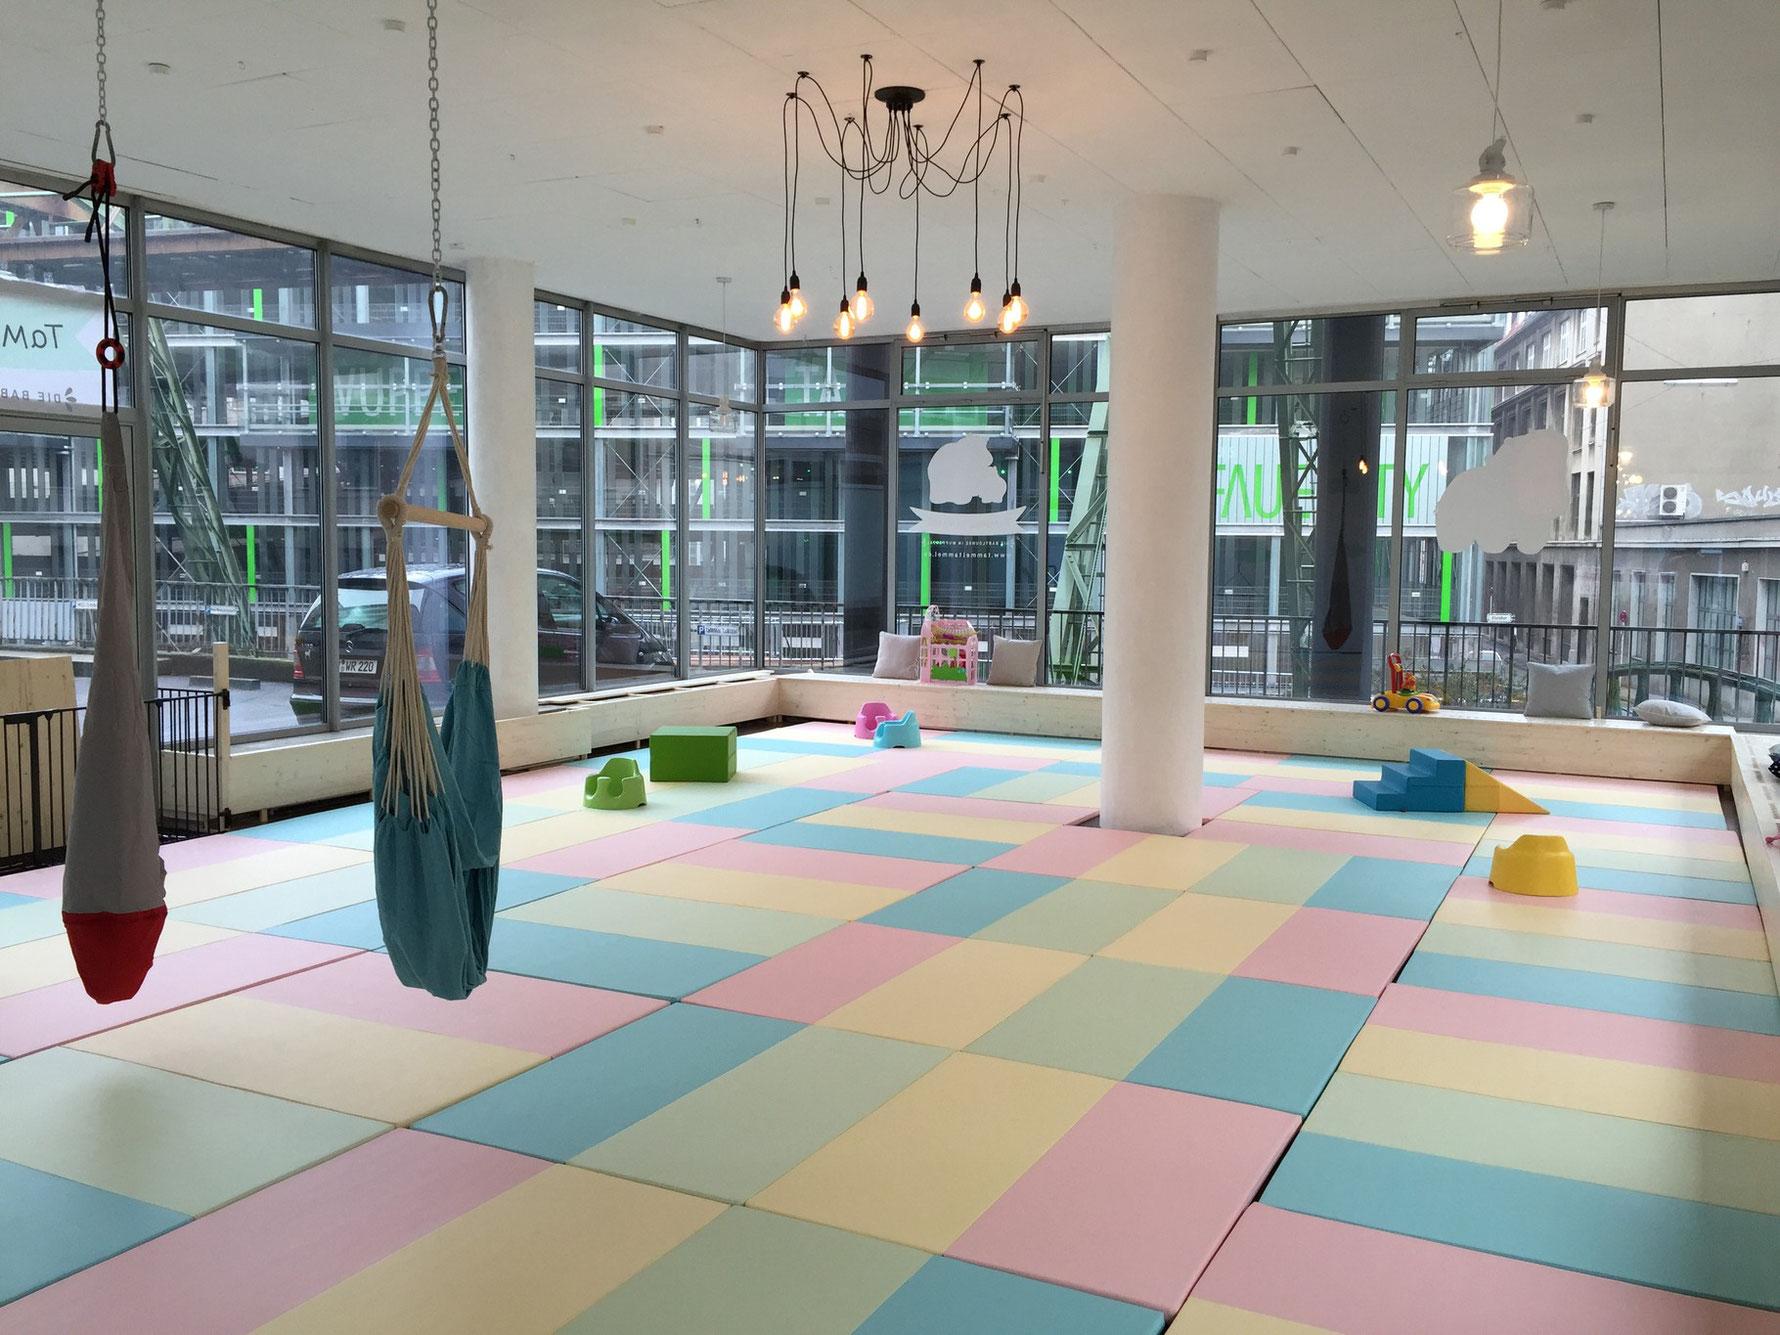 Unsere große Krabbelfläche besteht aus hochwertigen, handgefertigten Bodenmatten, die speziell für Kleinkinder und 100% schadstofffrei hergestellt sind. Verschiedene Babyschaukeln können zum Spielen oder zum Entspannen genutzt werden.